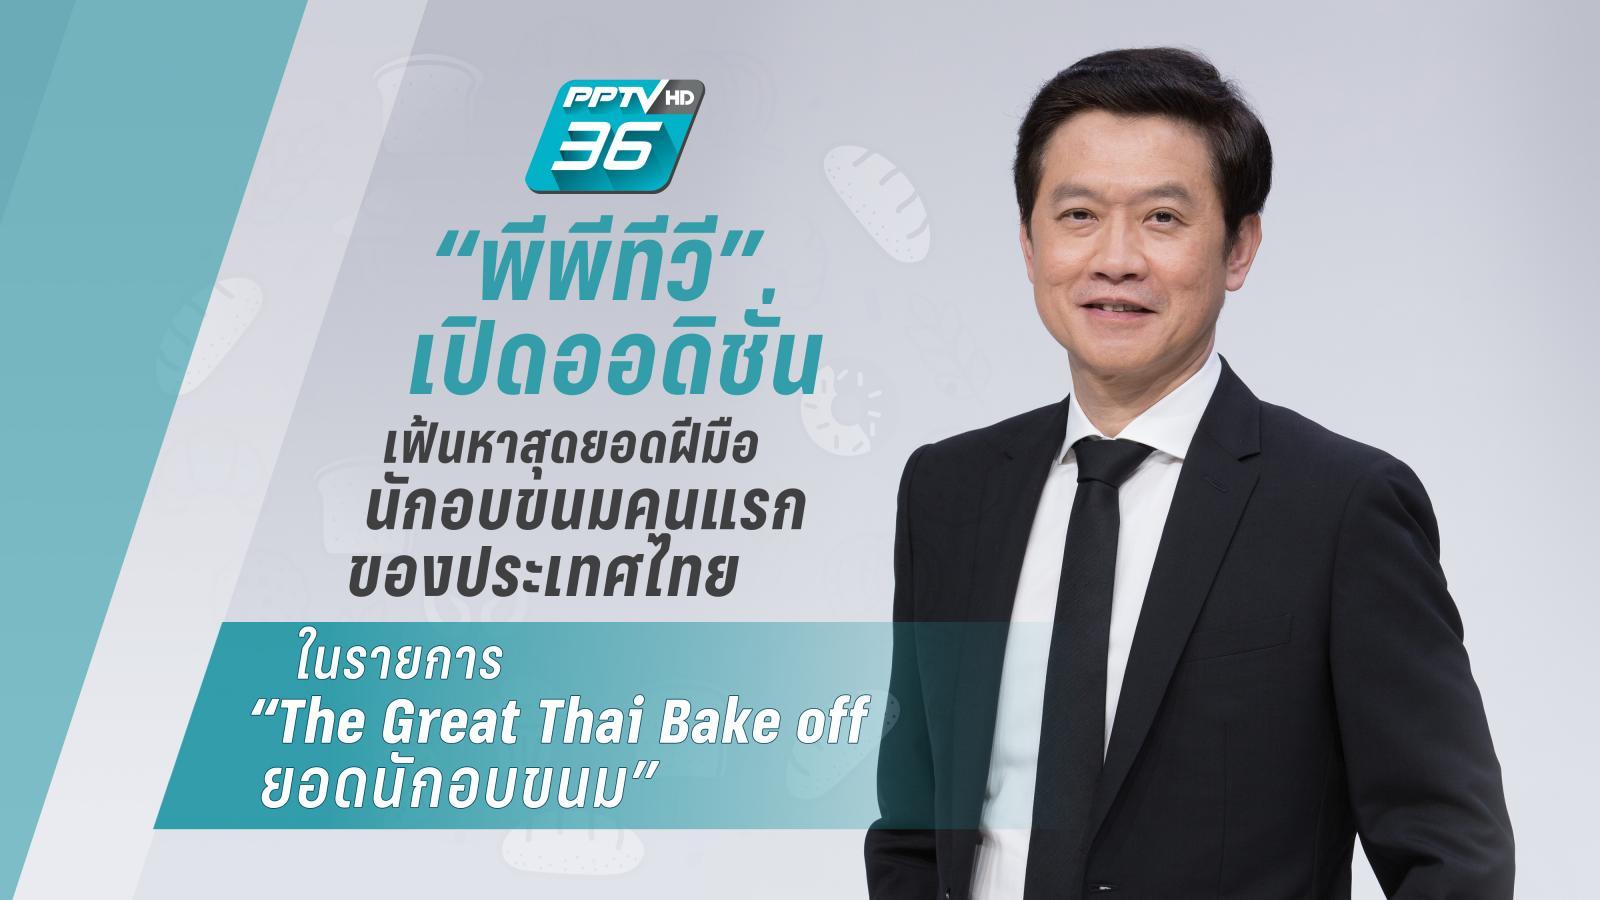 """""""พีพีทีวี"""" เปิดออดิชั่นเฟ้นหาสุดยอดฝีมือนักอบขนมคนแรกของประเทศไทย  ในรายการ """"The Great Thai Bake off ยอดนักอบขนม"""""""